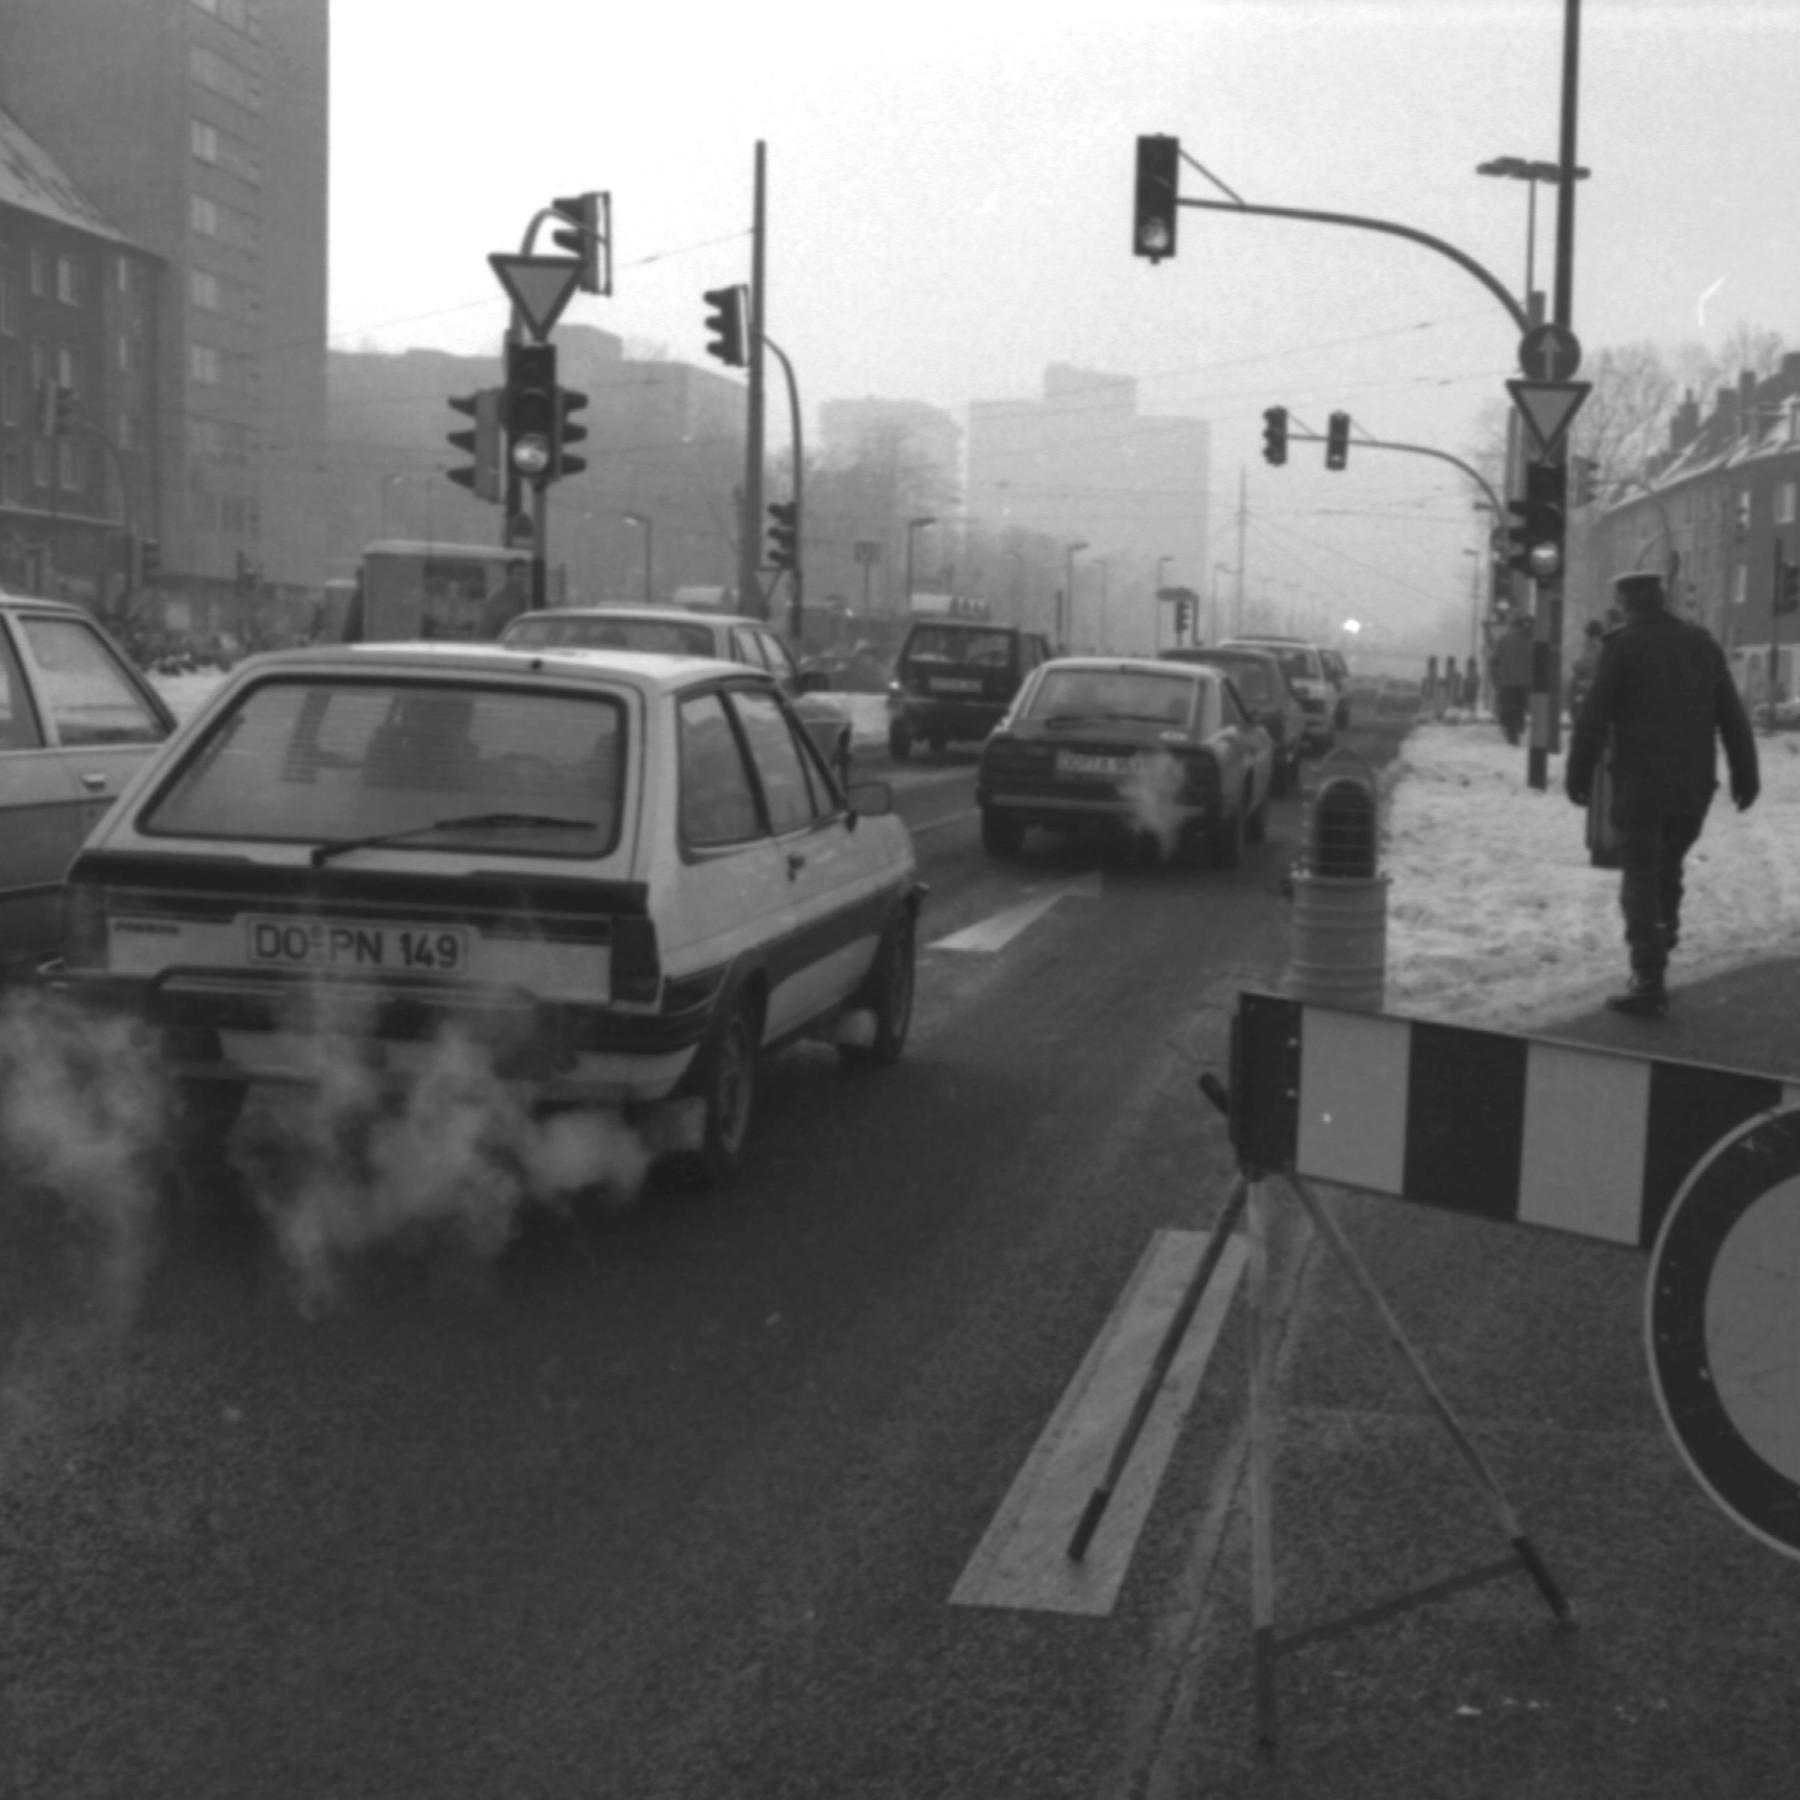 Von rauchenden Schloten zum Klimagesetz - Die Geschichte der deutschen Umweltpolitik